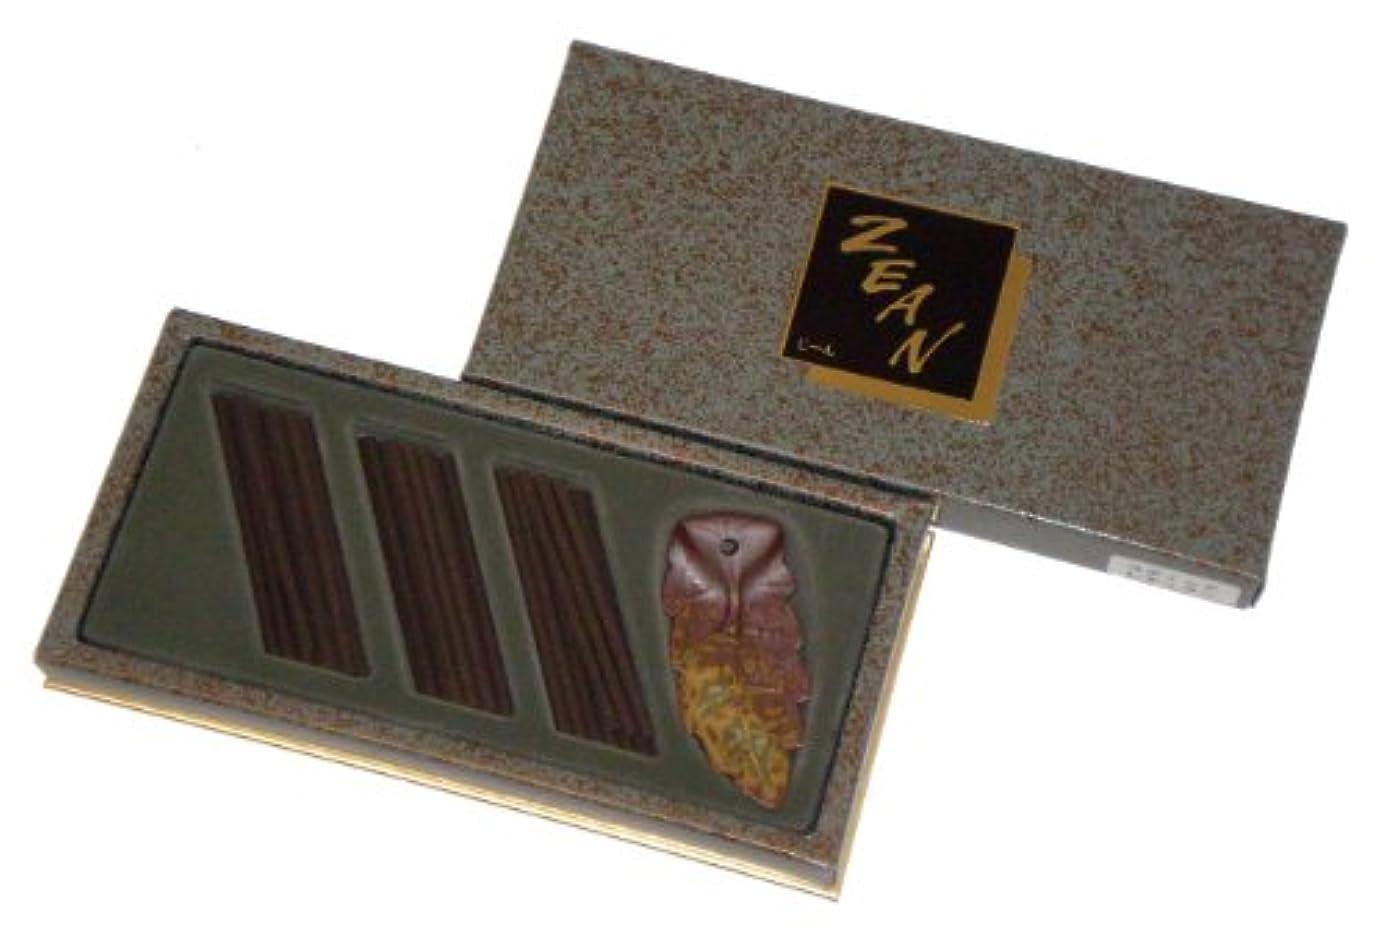 ドアミラースクラップ凝視玉初堂のお香 ジーン スティックレギュラー #5222